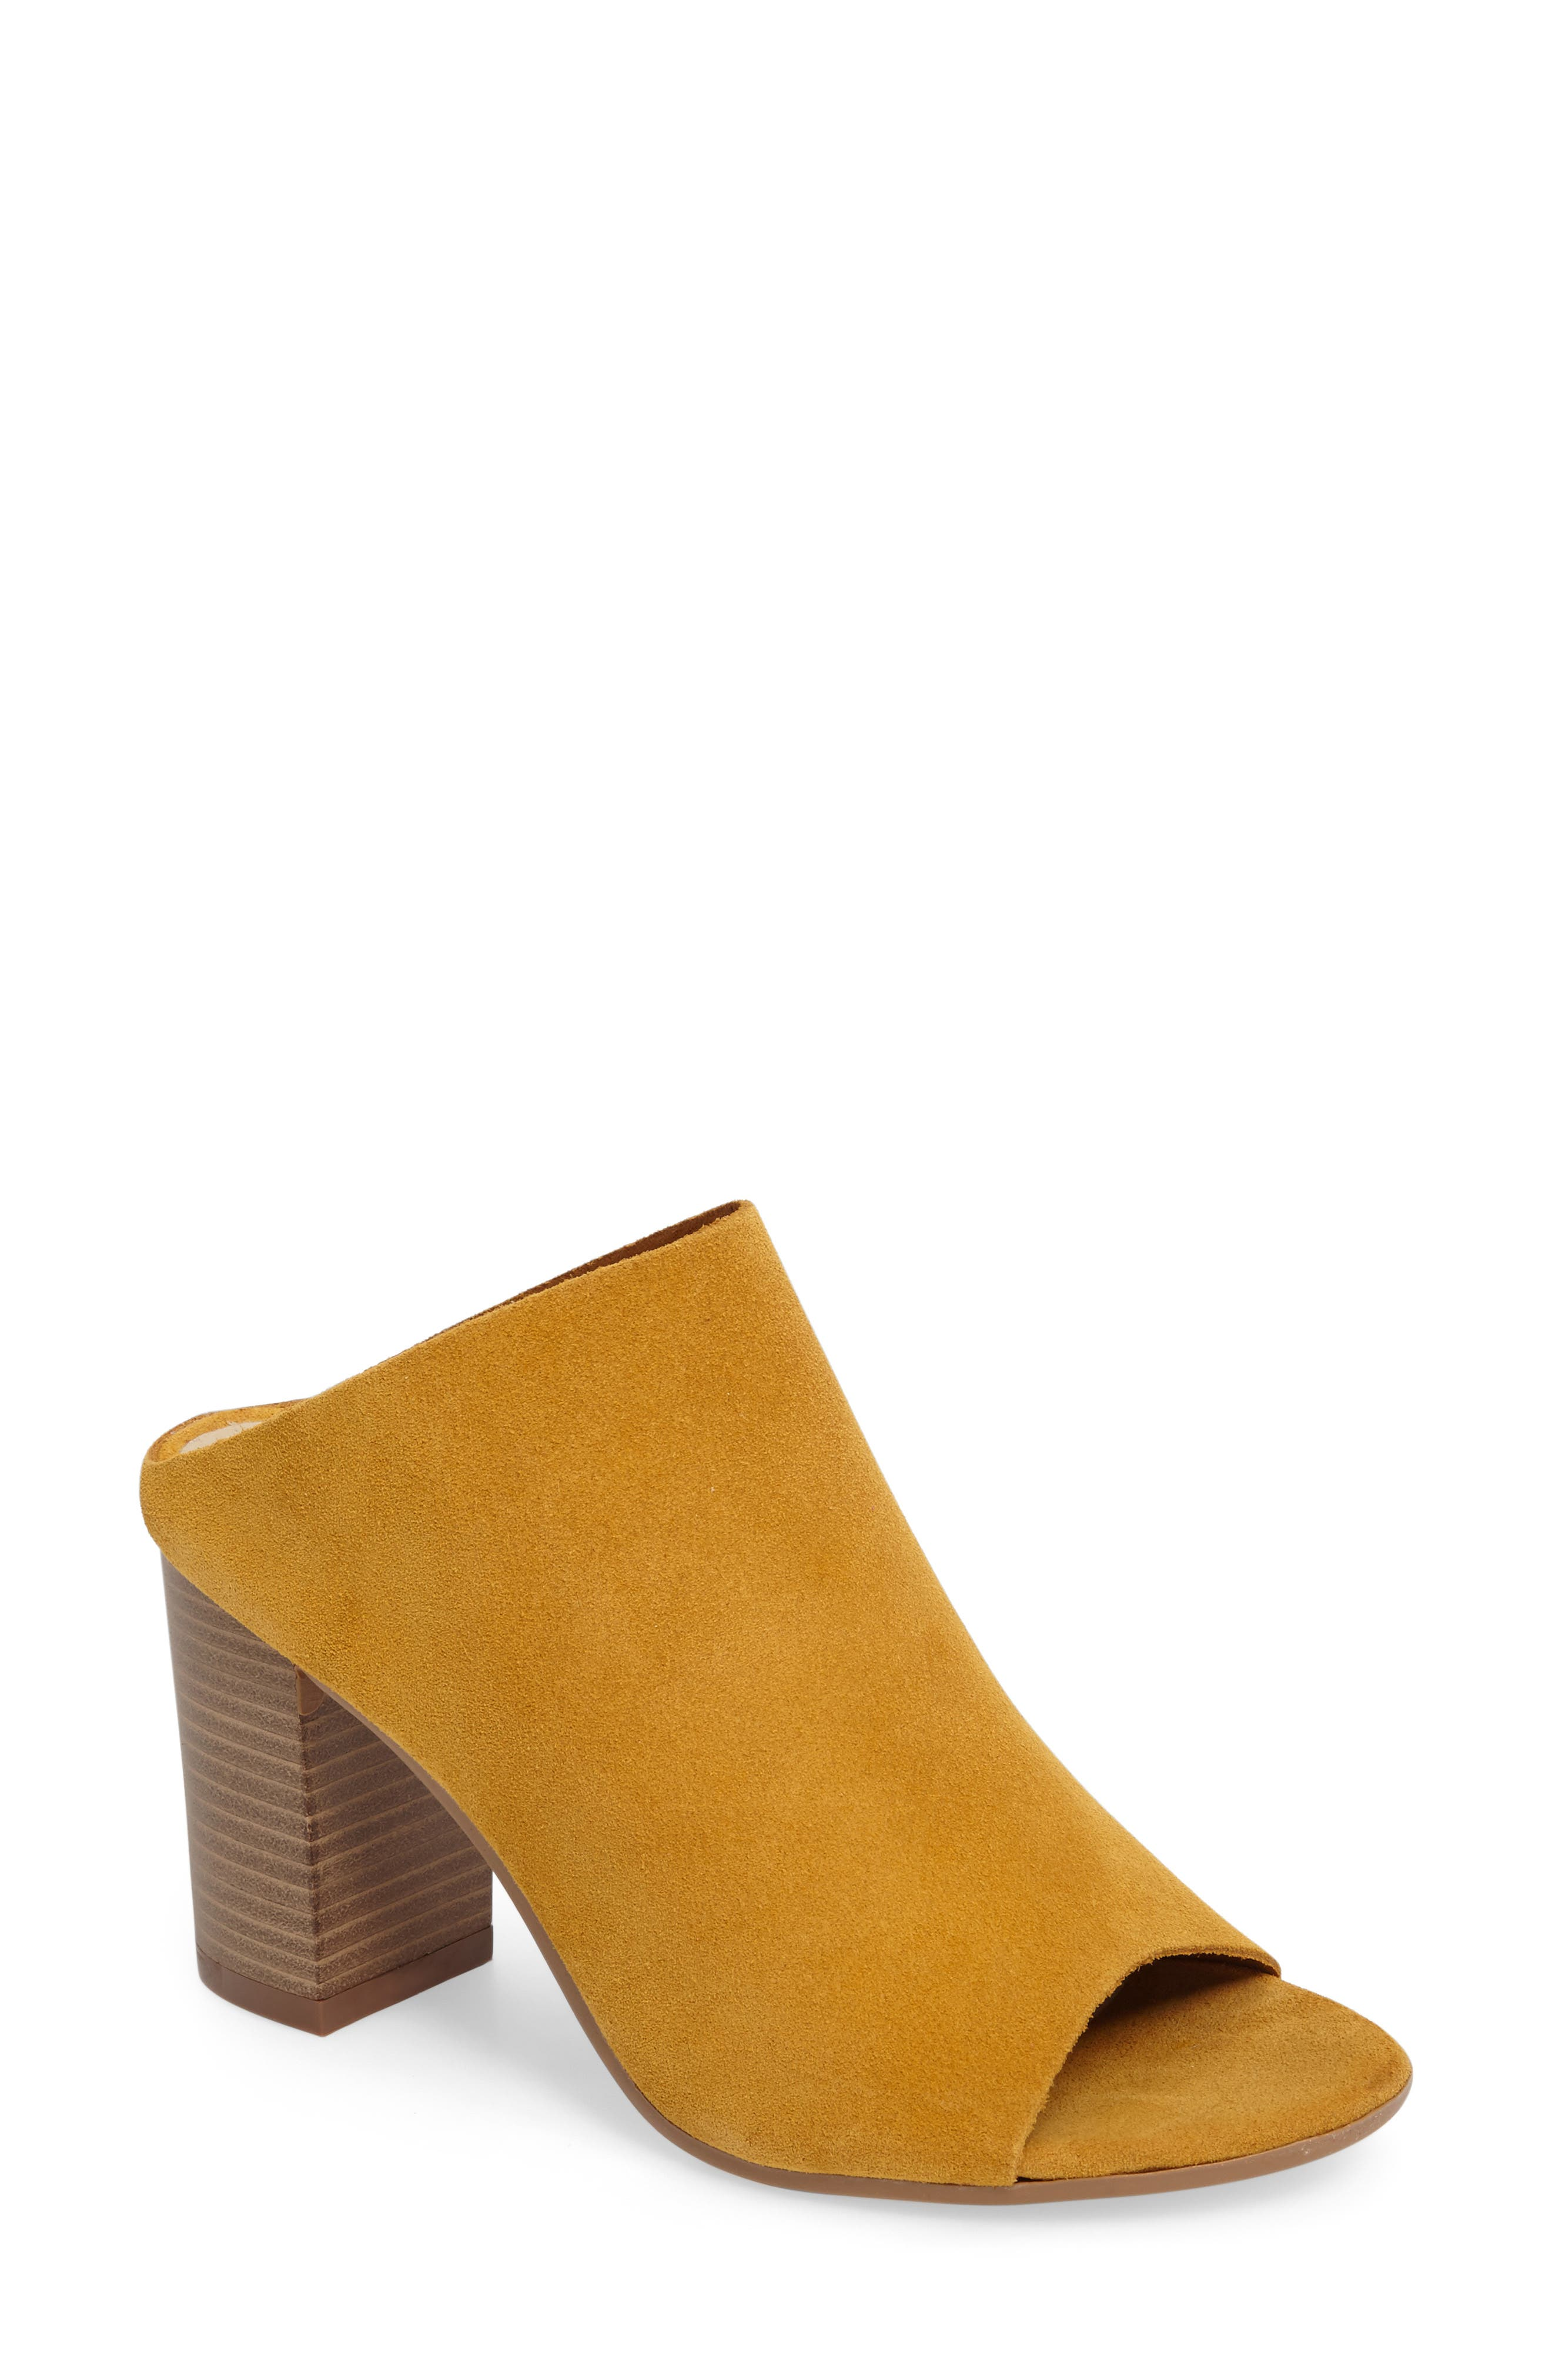 Bos. & Co. Isabella Block Heel Mule (Women)